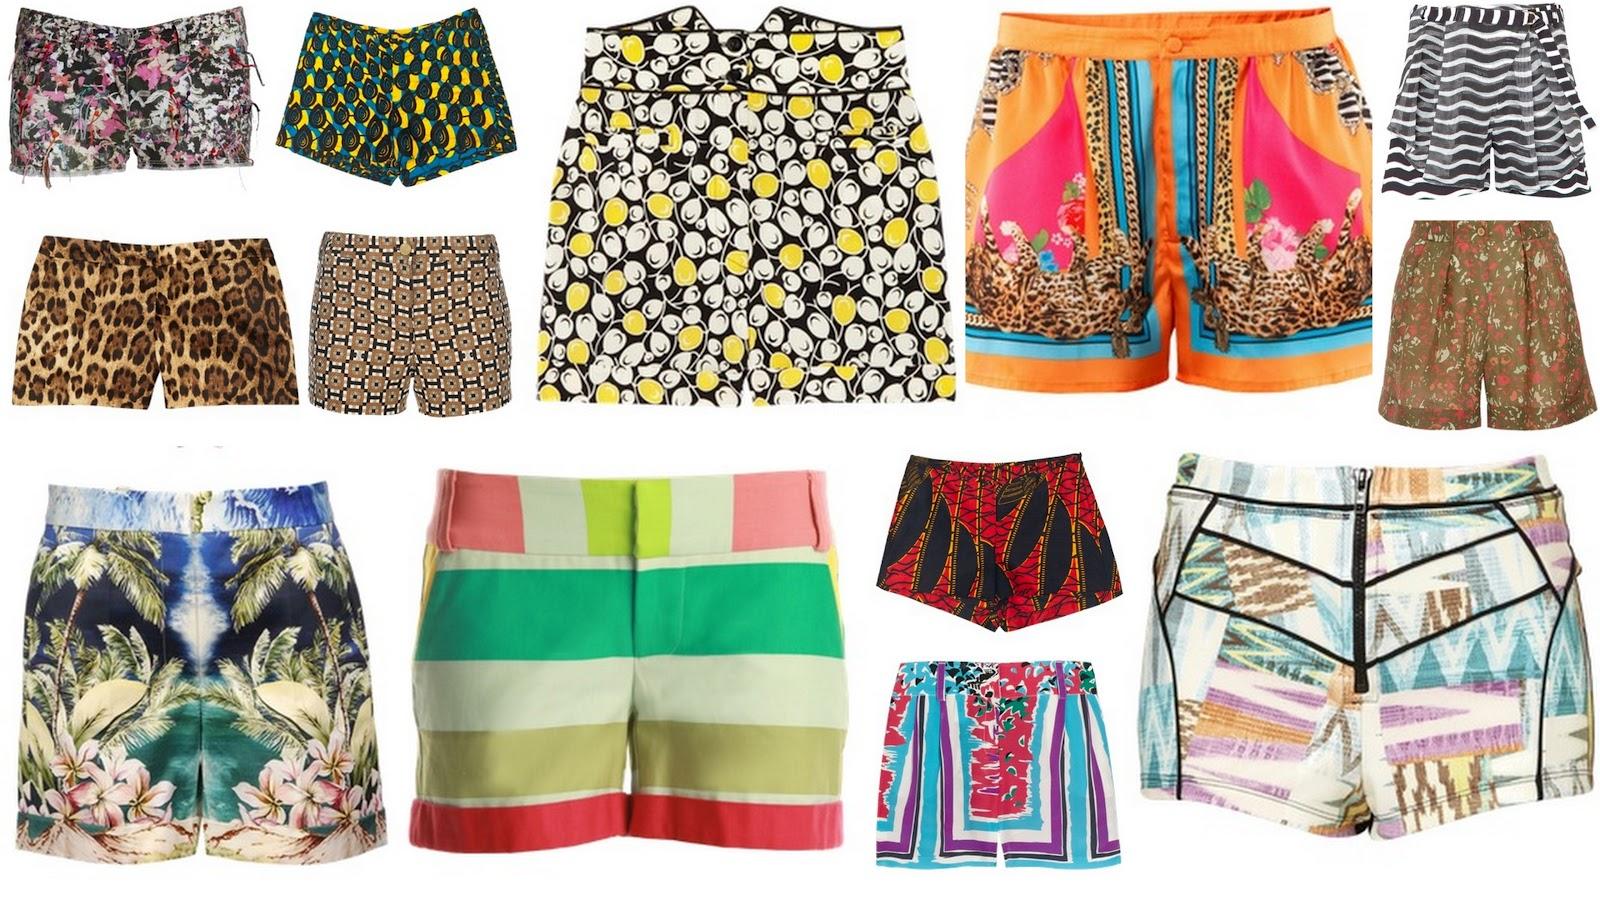 http://2.bp.blogspot.com/-9DEJtOroZy4/T56gR-kwUMI/AAAAAAAABh4/ThrOJiWVUk8/s1600/prints.jpg